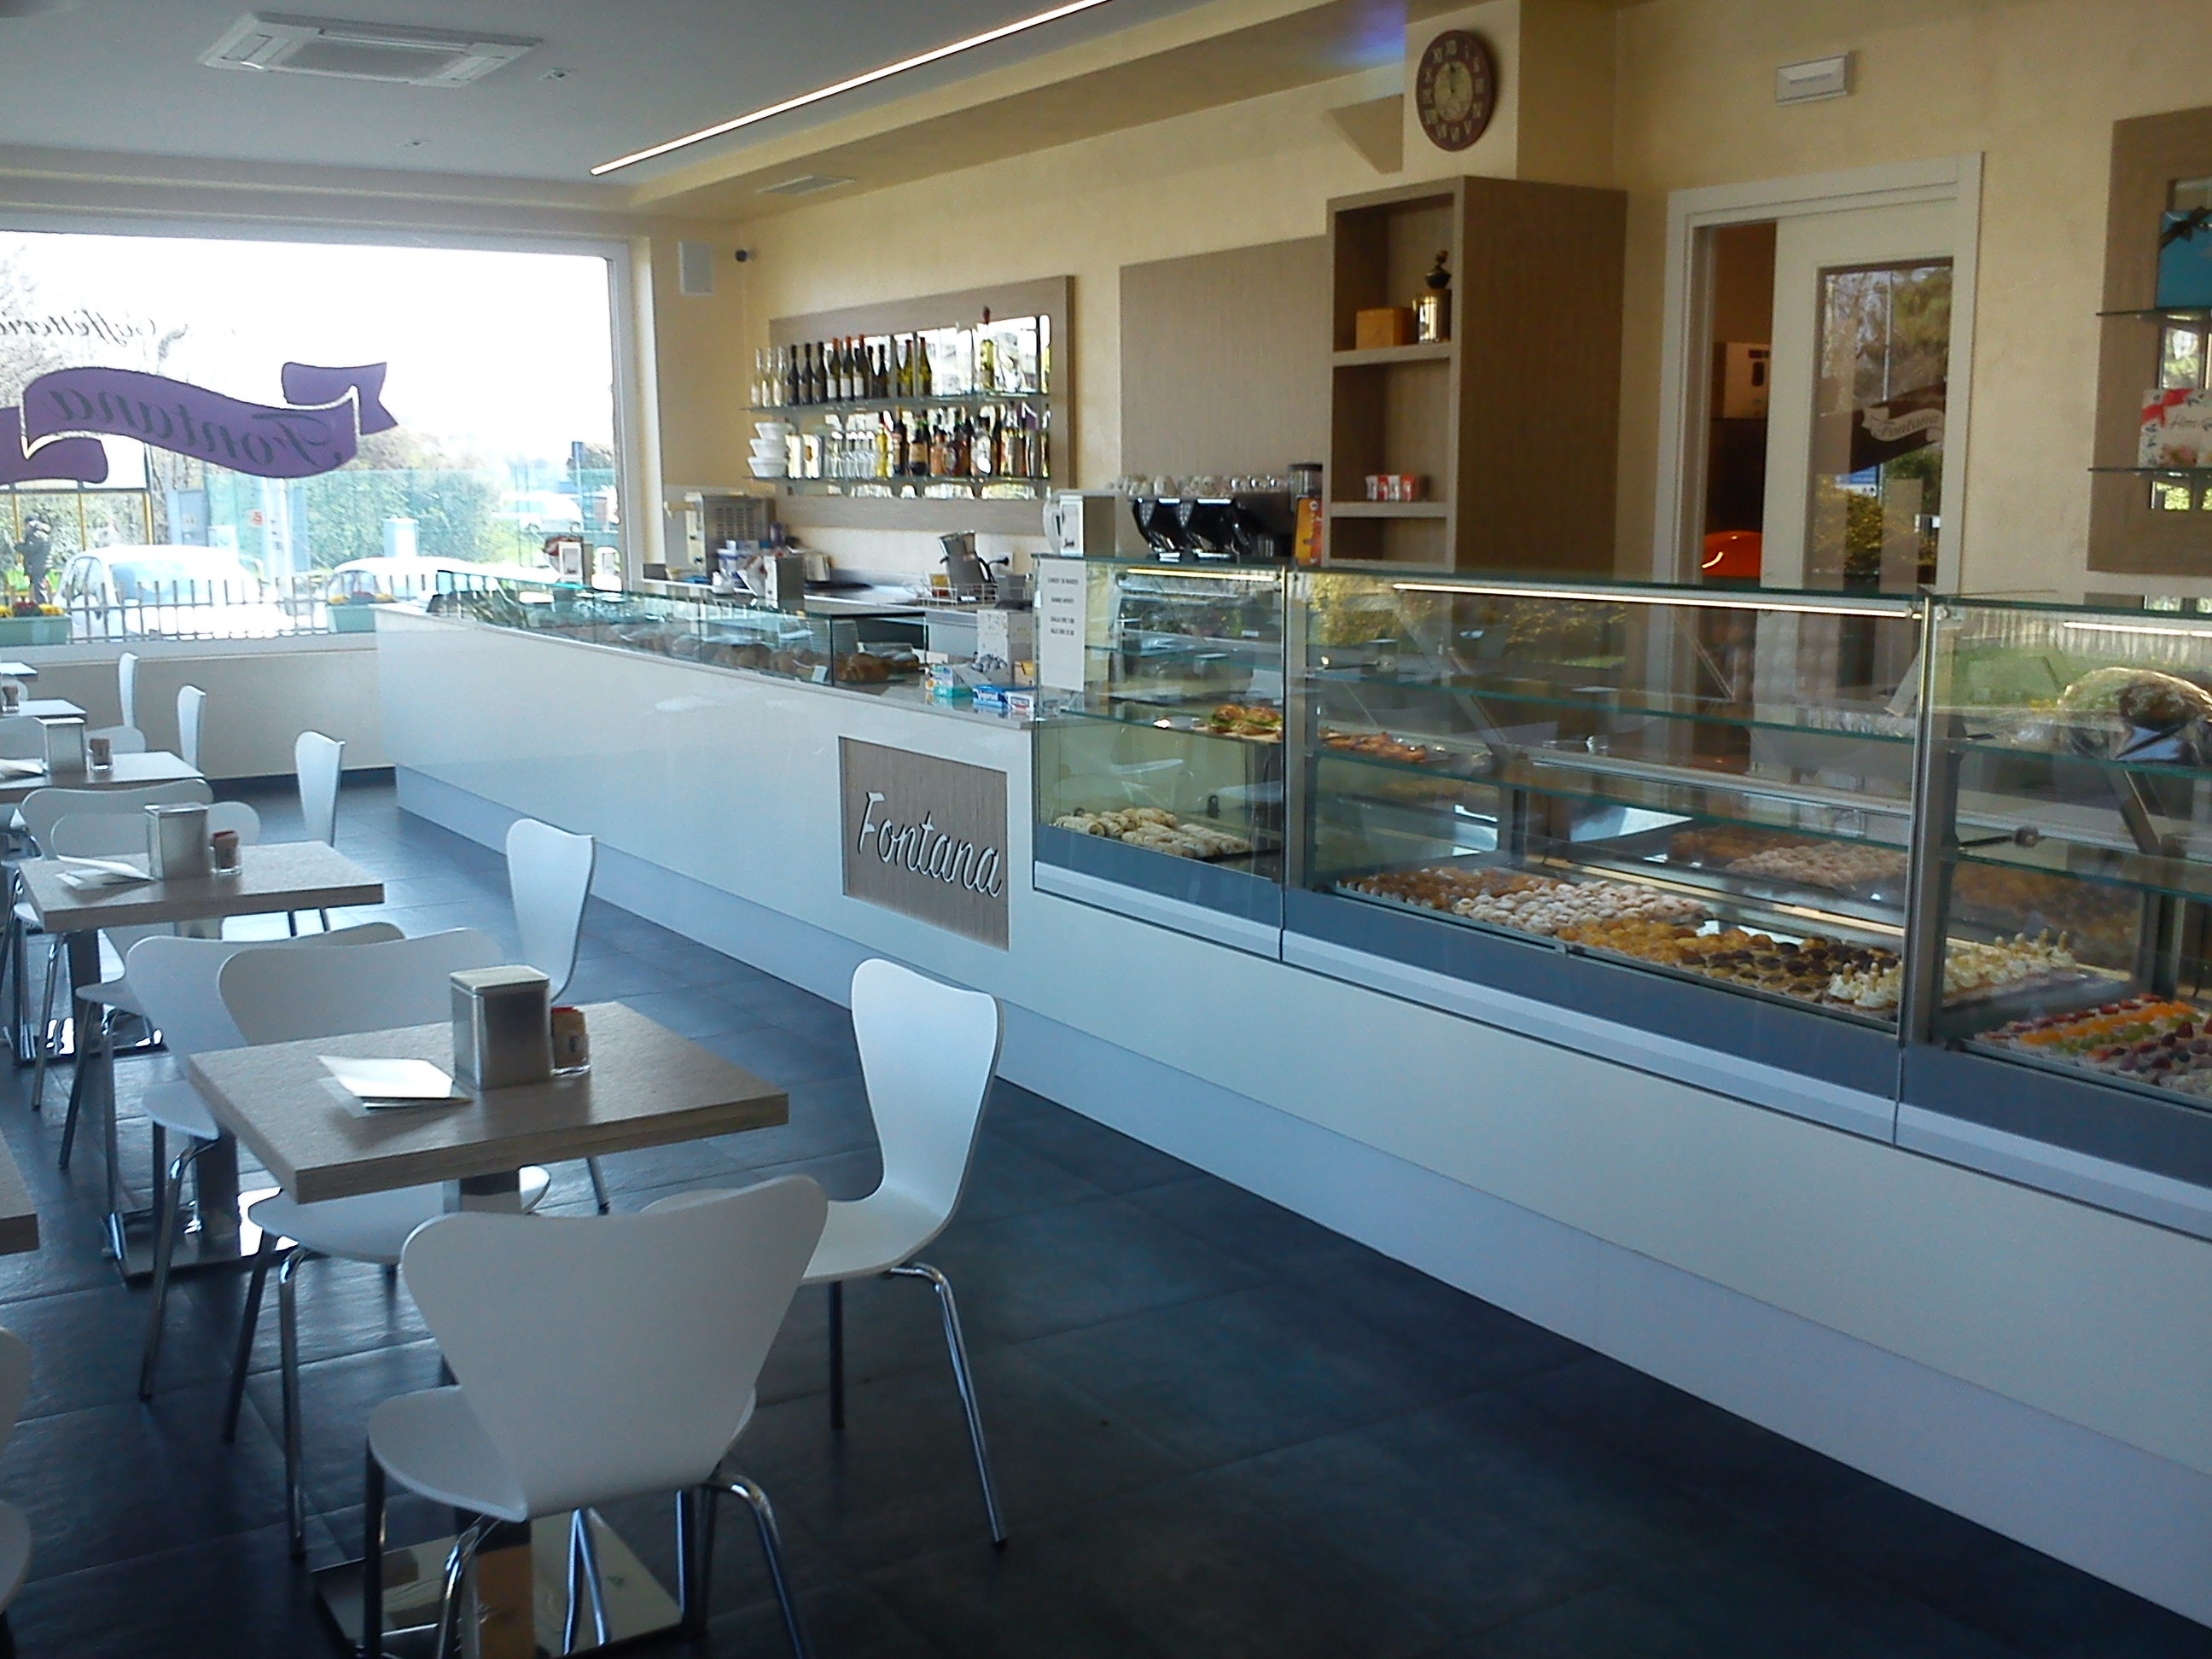 Arredamenti bar ristoranti e negozi su misura astor arreda for Arredamento per bar prezzi